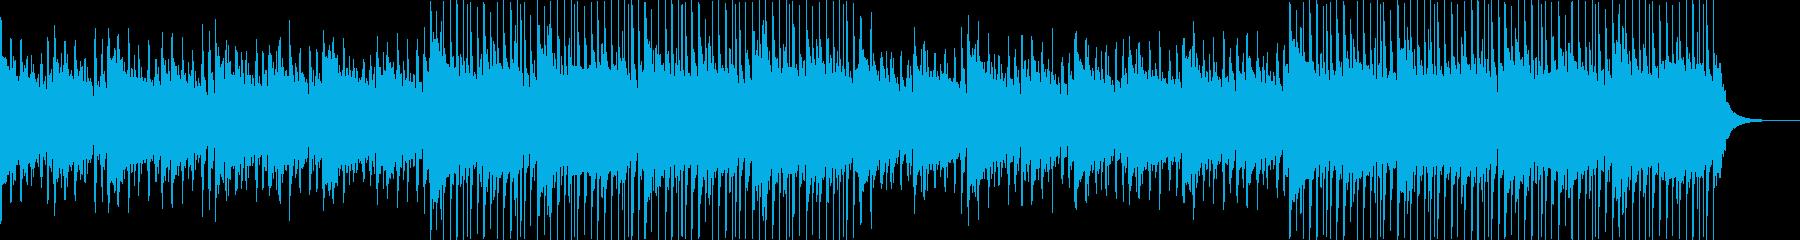 爽やか明るい・ゆったり/企業VP系04cの再生済みの波形